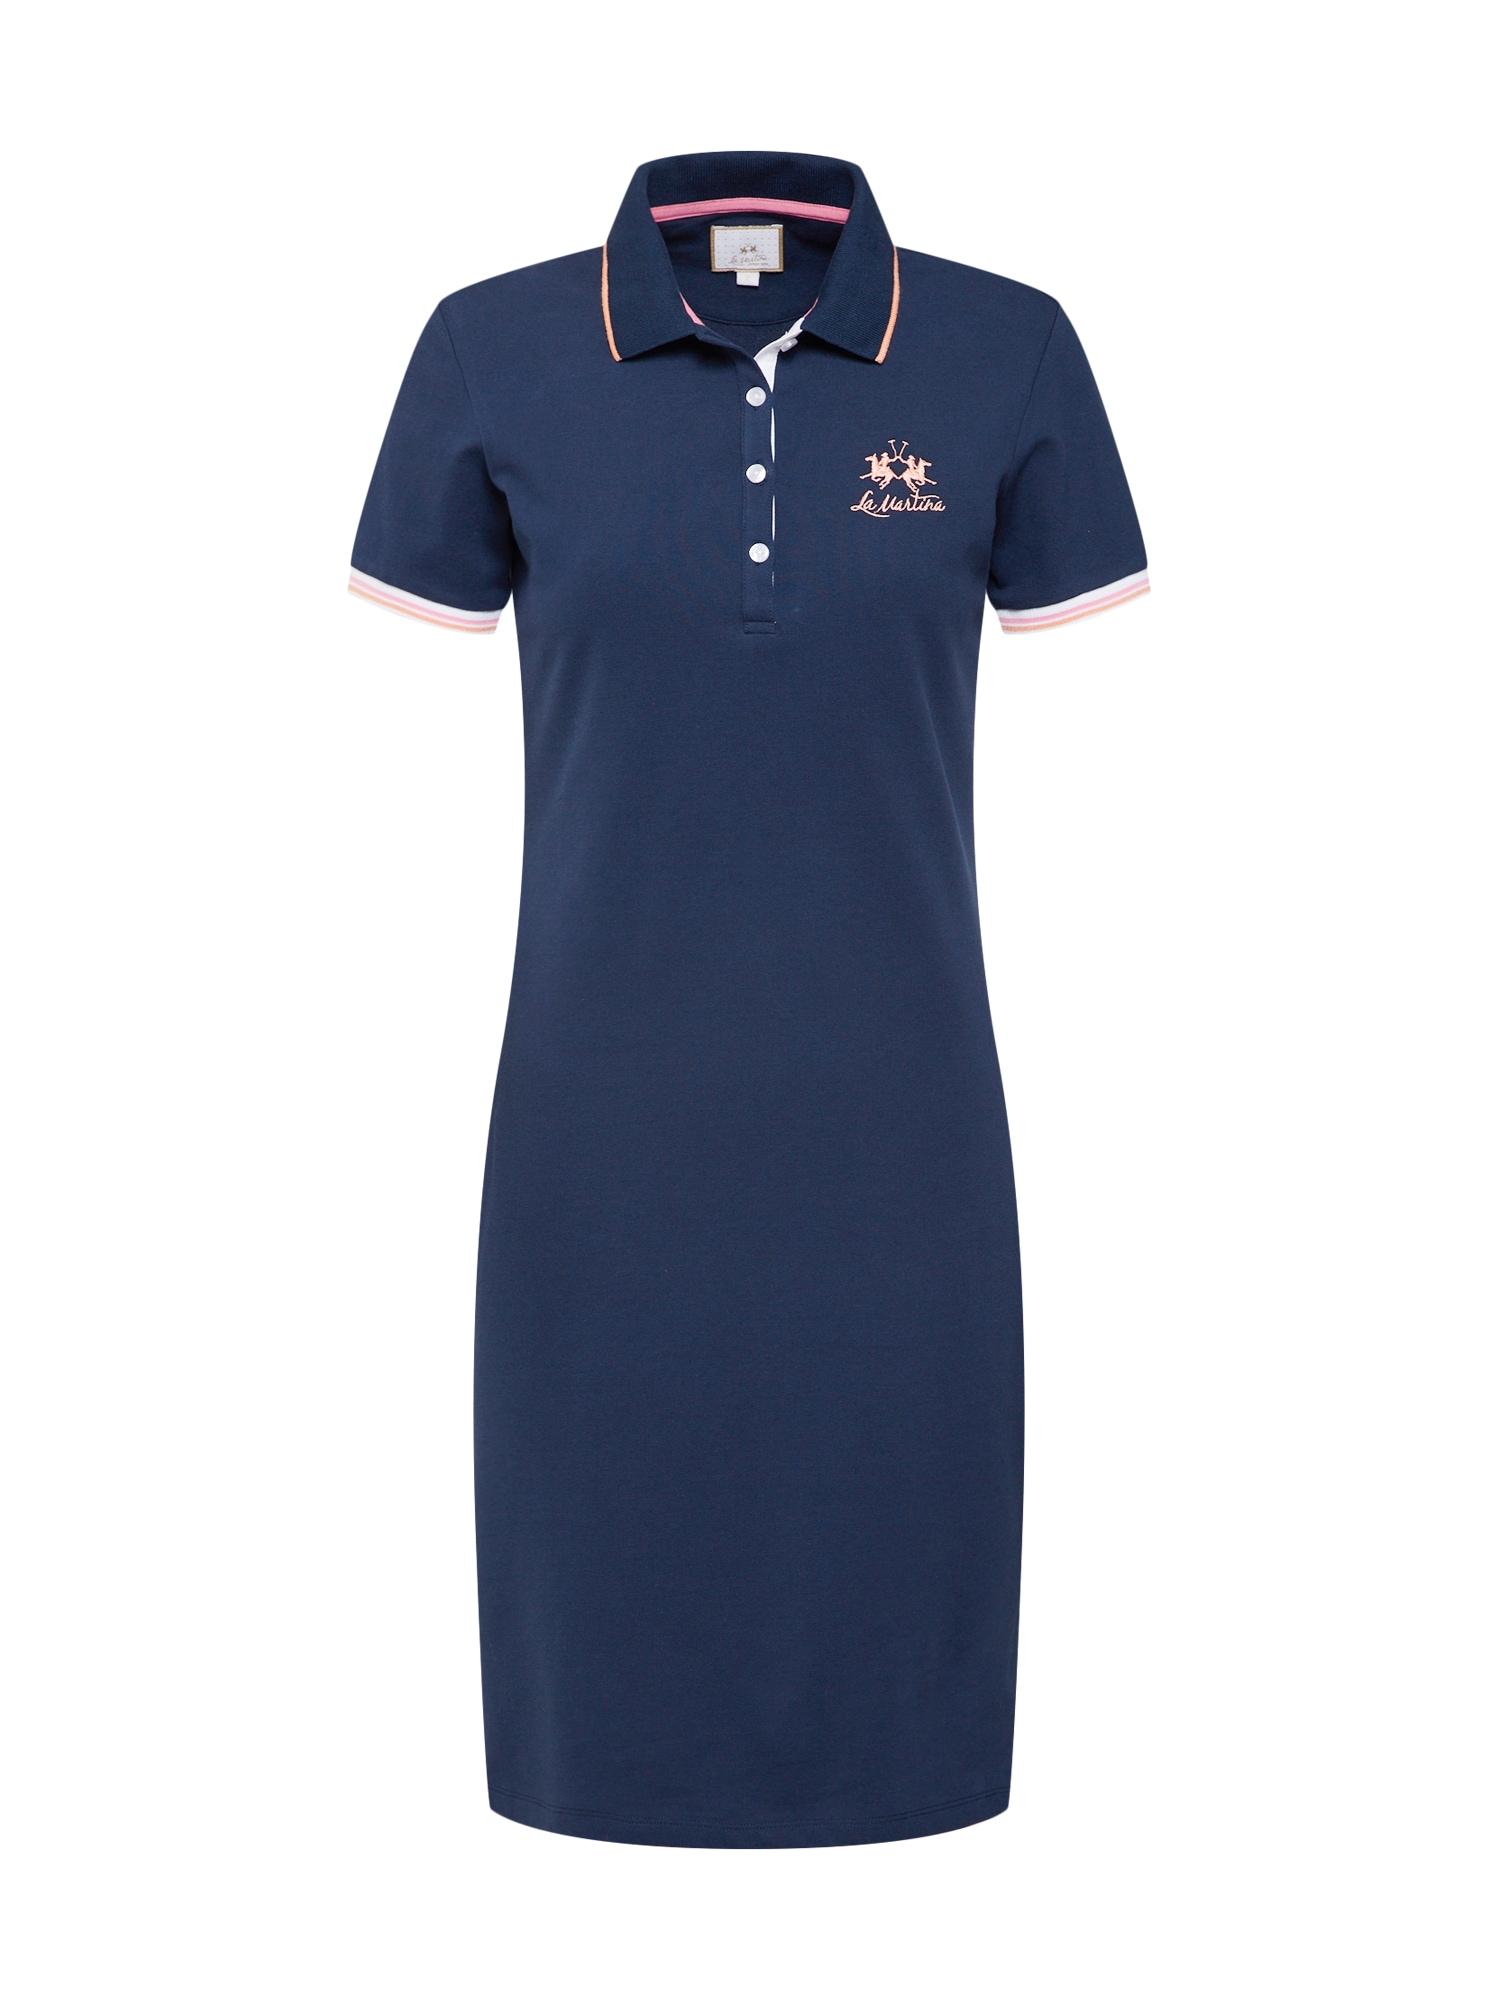 Šaty WOMAN DRESS PIQUET STRETCH námořnická modř La Martina